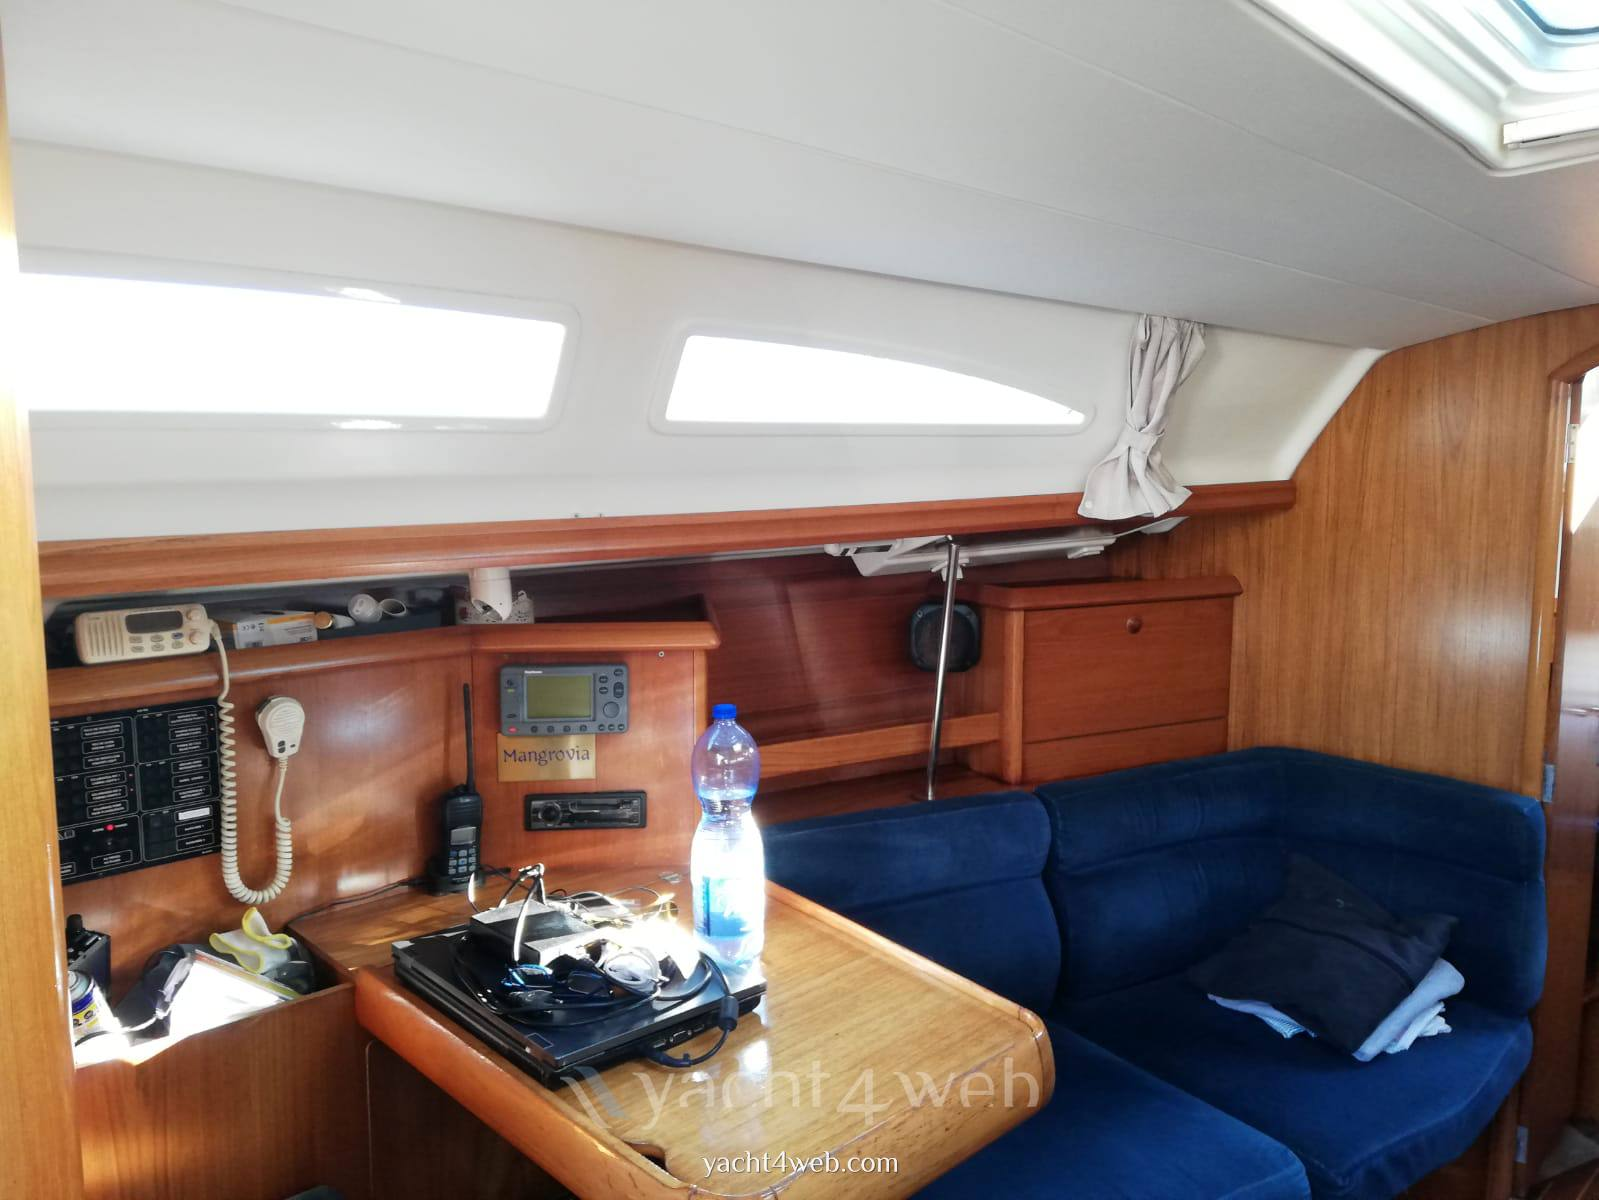 Jeanneau Sun odyssey 37 sailing boat